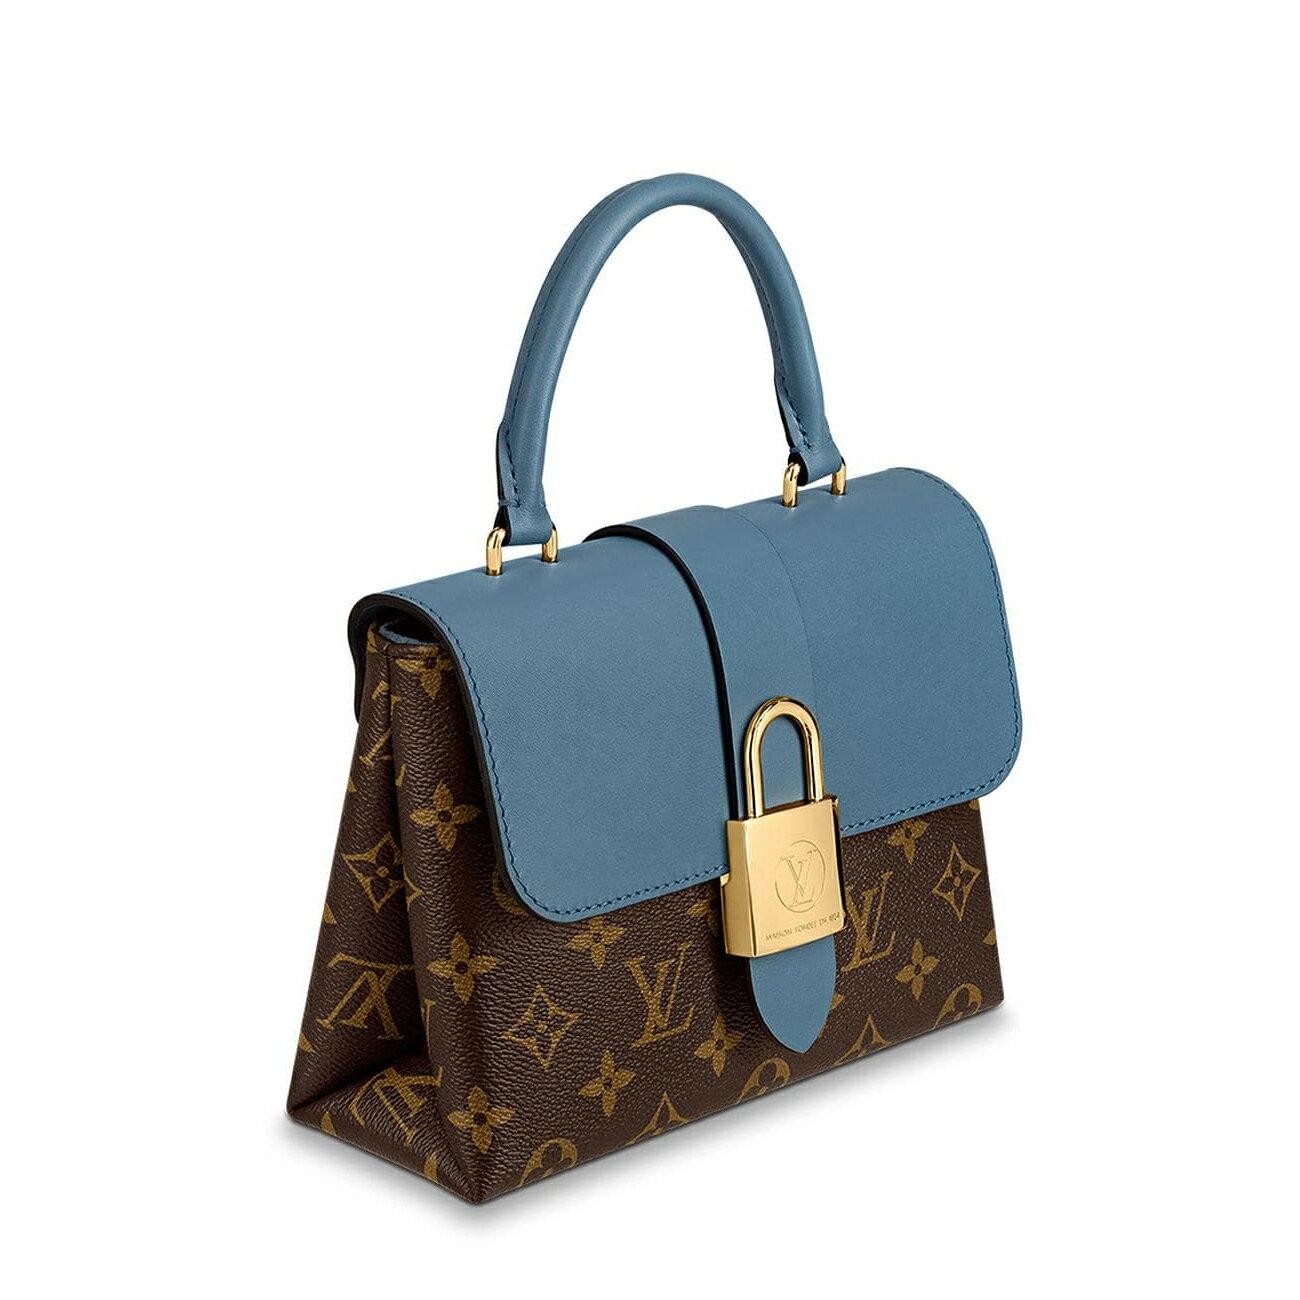 【Chiu189英歐代購】Louis Vuitton LOCKY BB 大鎖頭 郵差包 翻蓋包 M44321